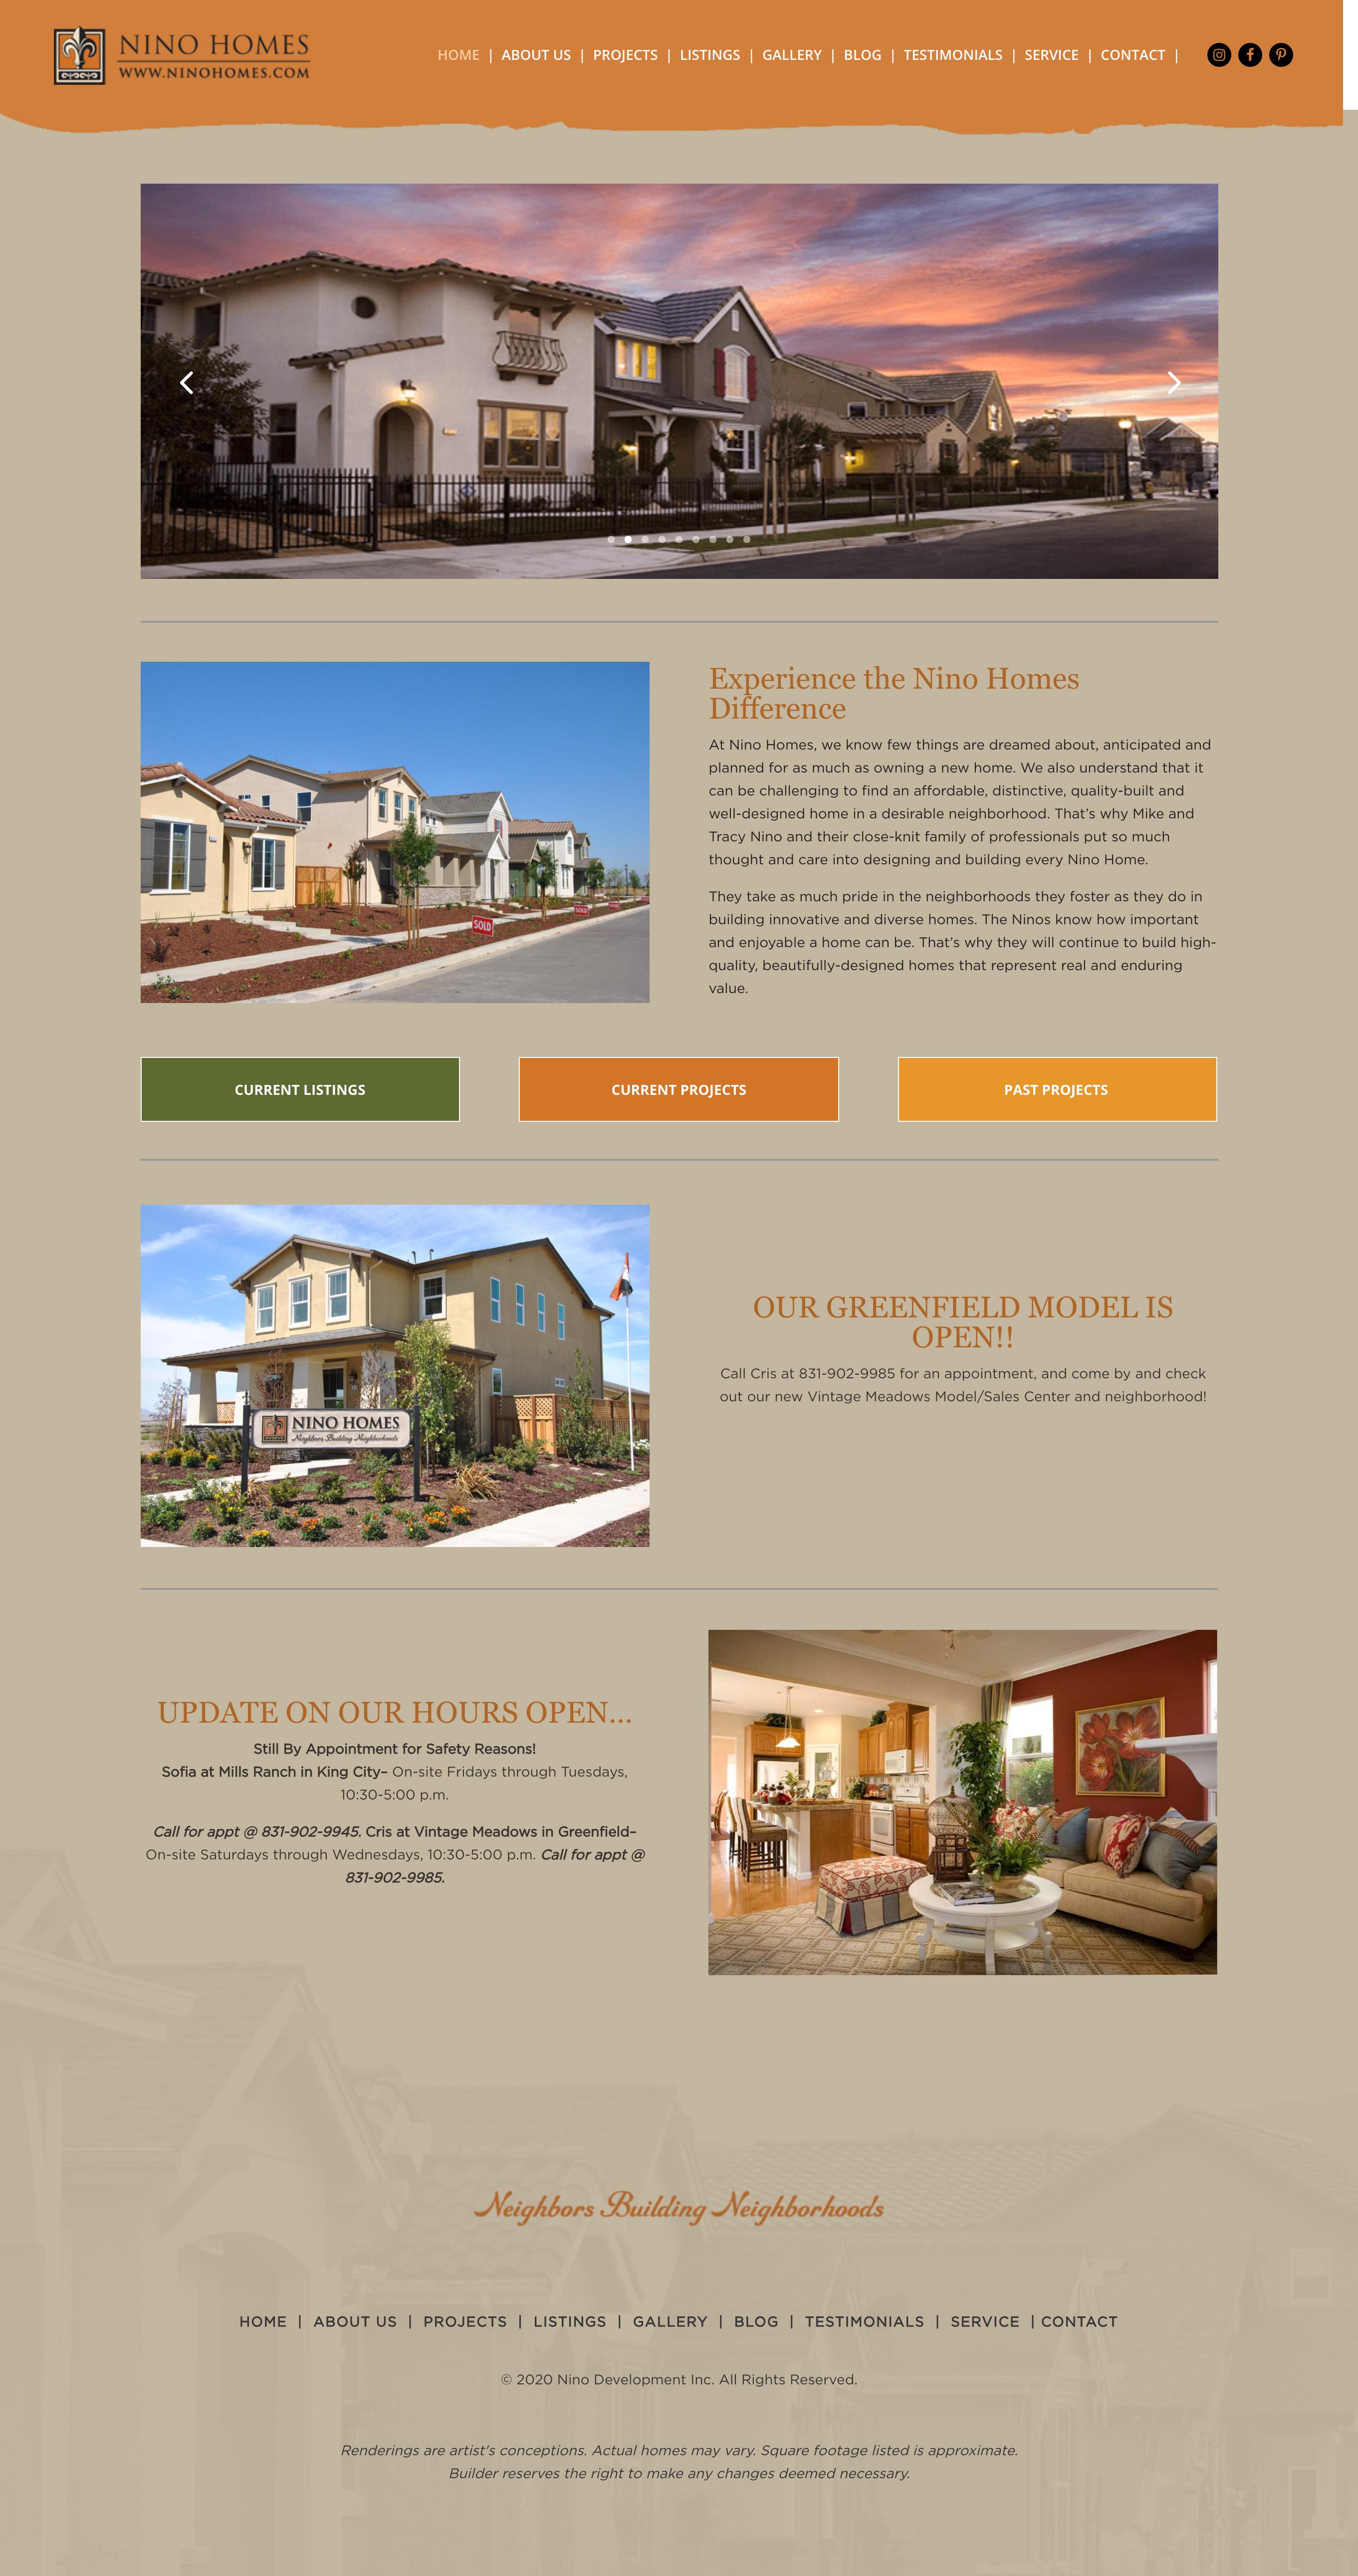 Nino Homes Website Design